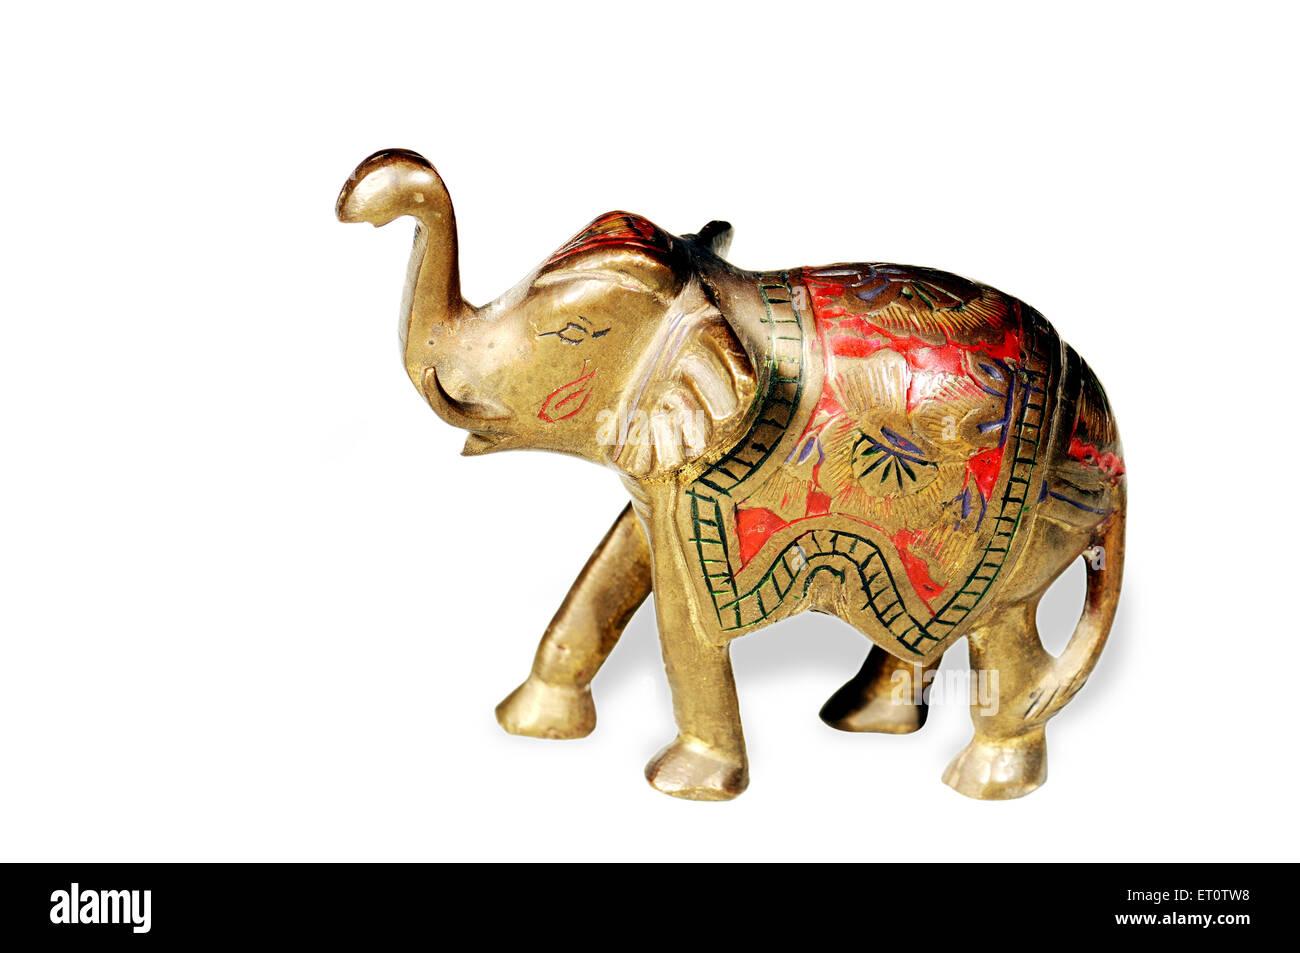 Handicraft ; elephant on white background ; India - Stock Image